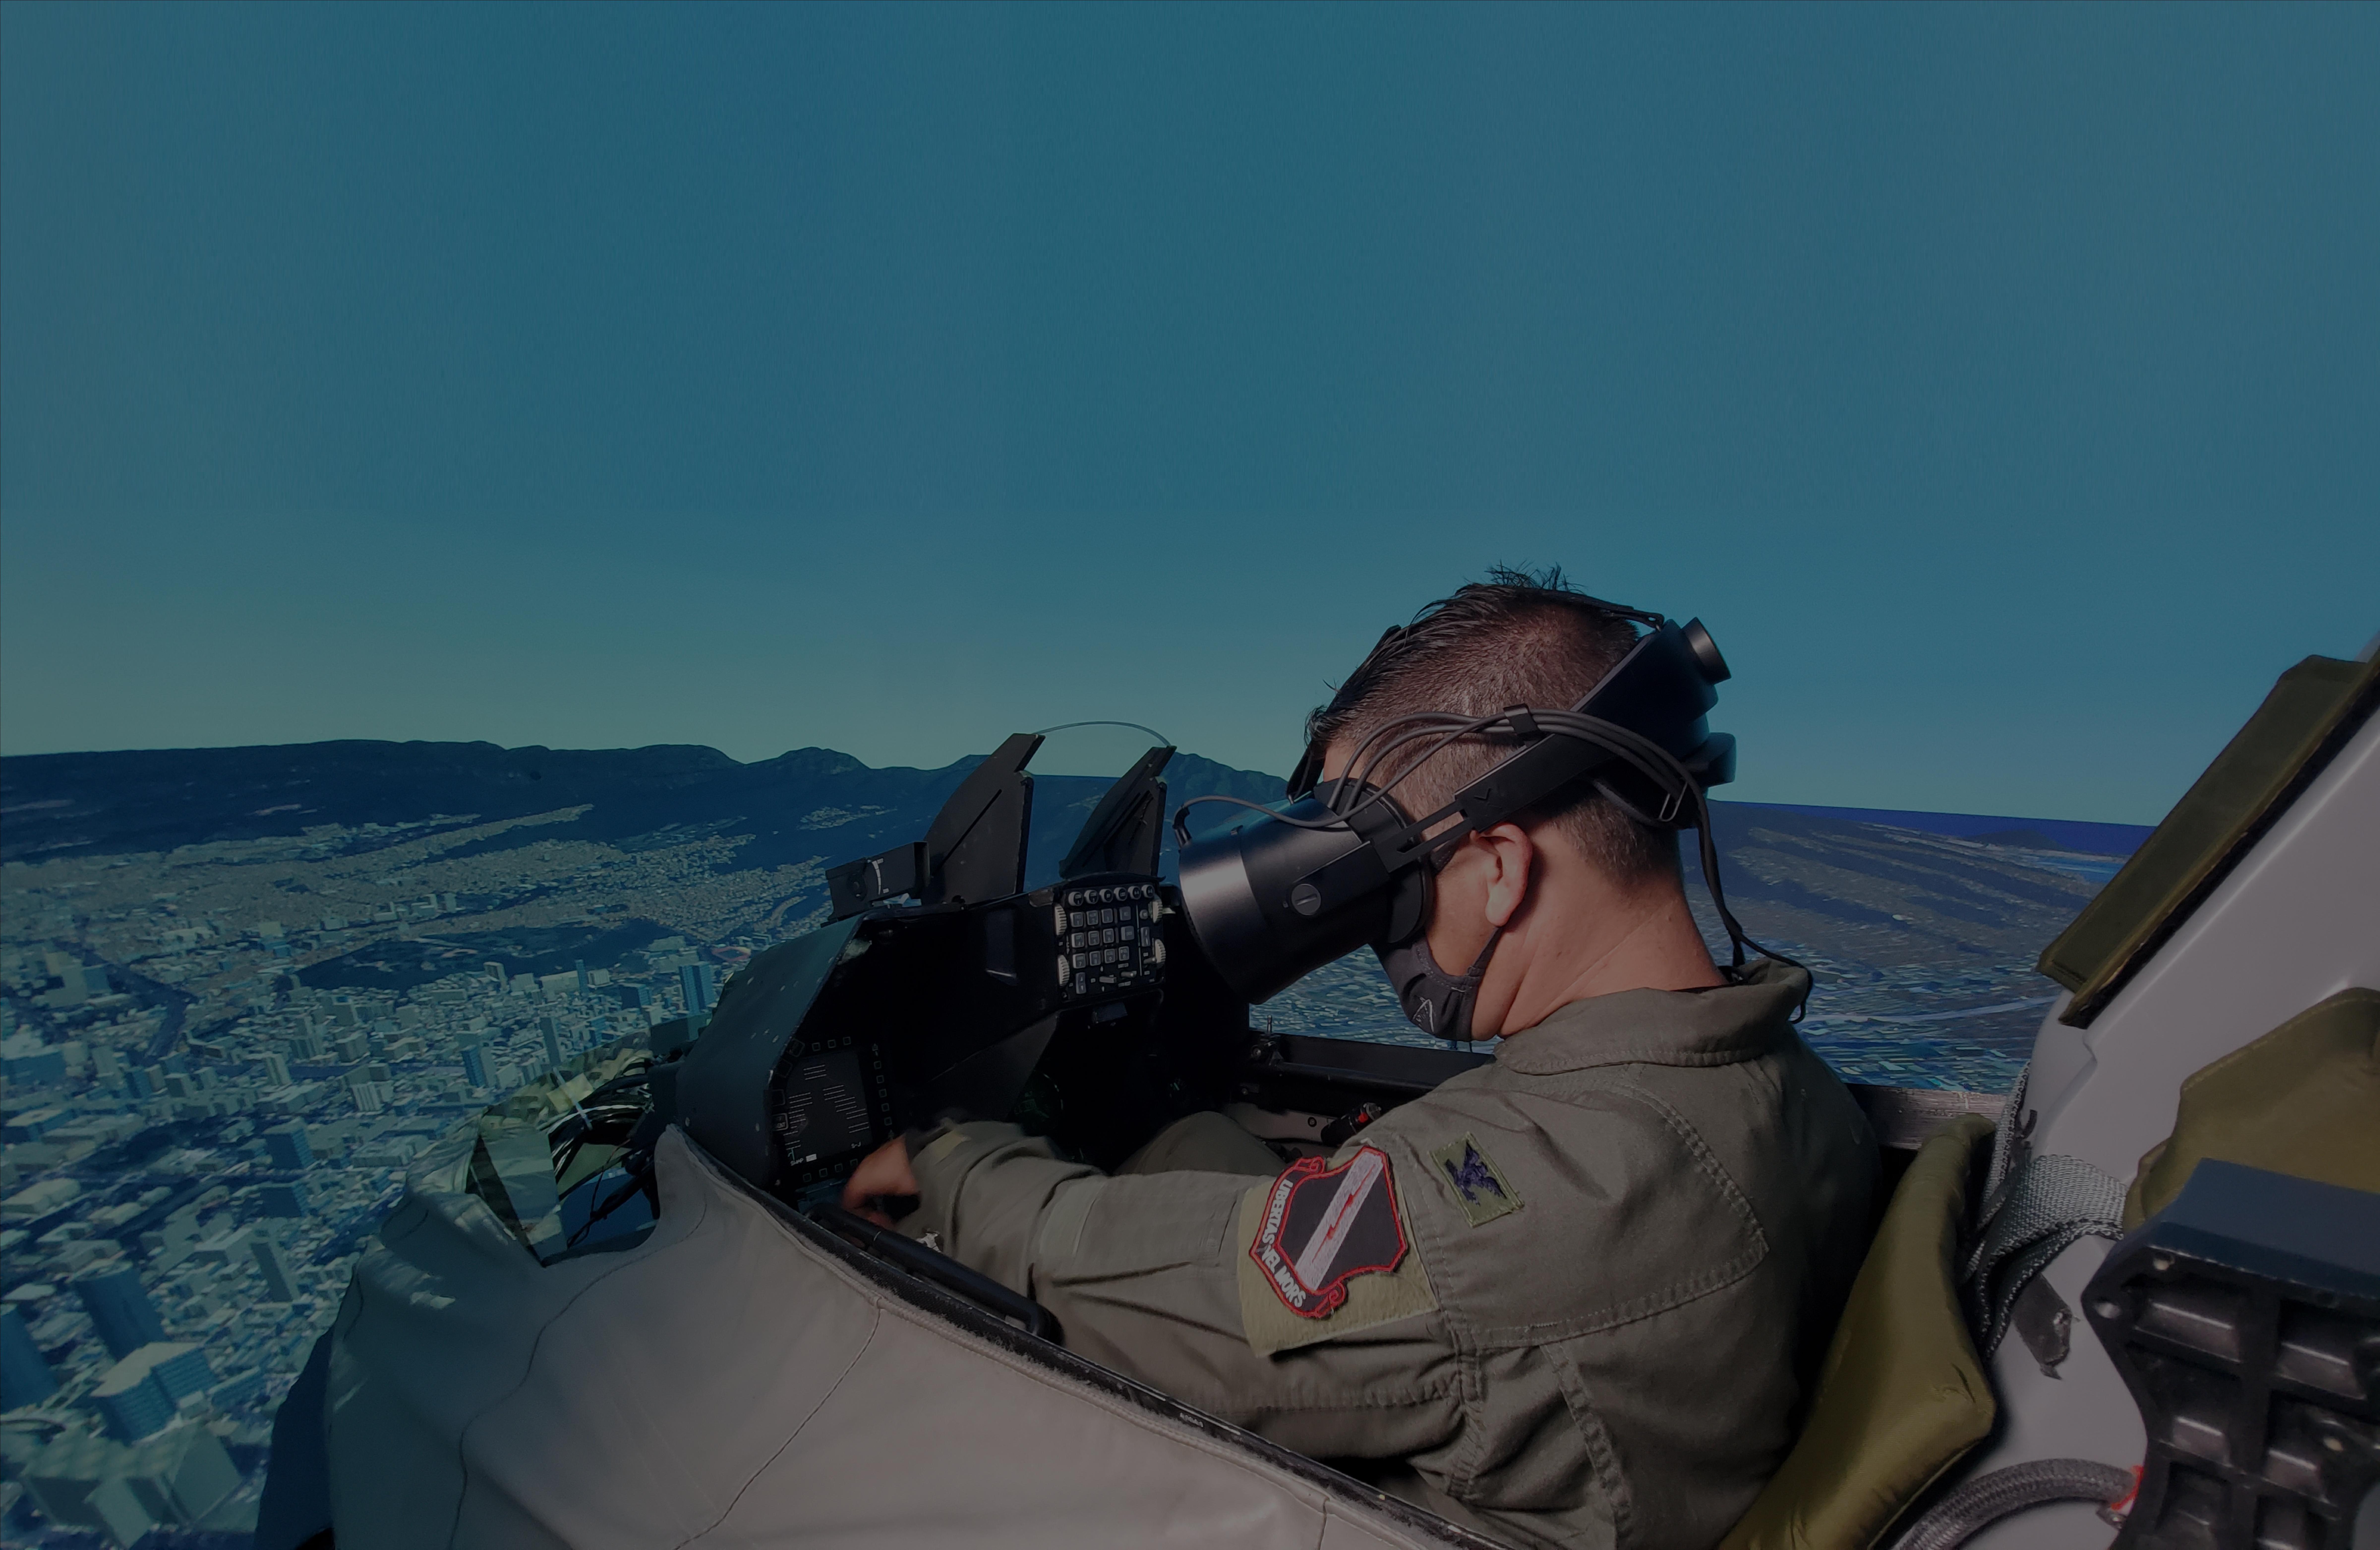 Lockheed Martin & Varjo: Virtual and Mixed Reality Training Solutions